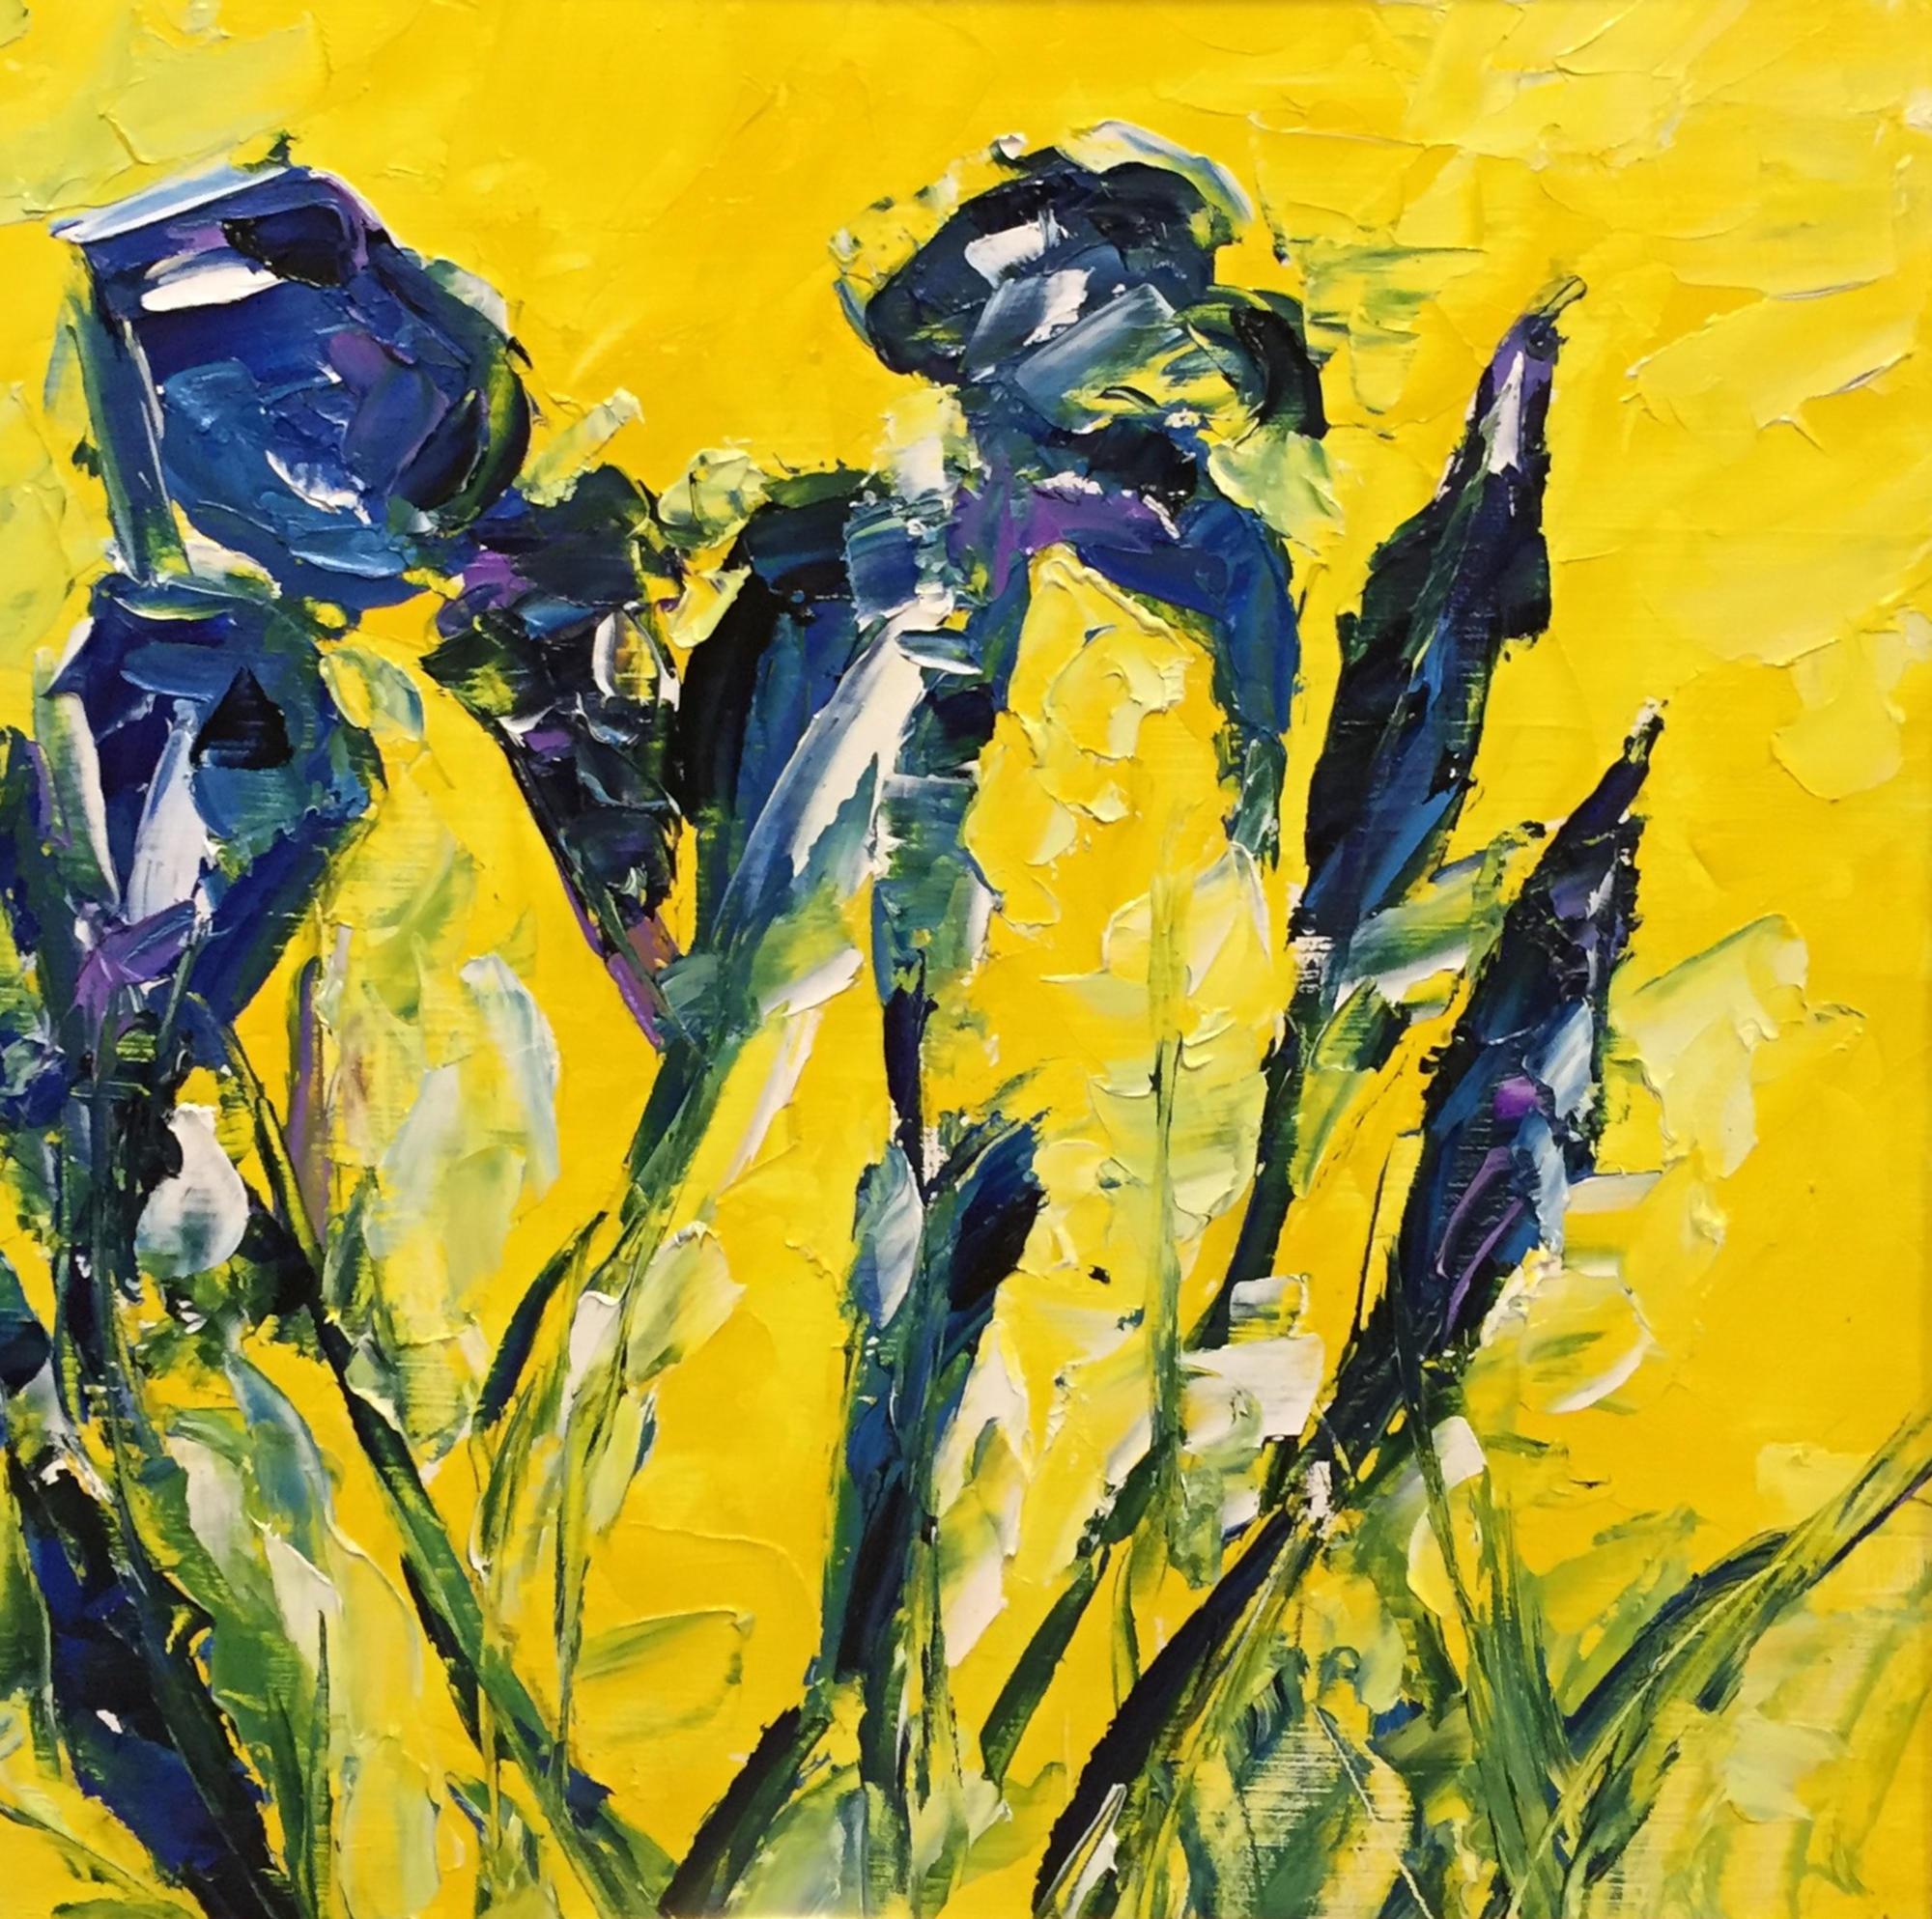 Shop: Lilien | Malerei halb abstrakt | Atelier Franiek | Gemälde und Kunst